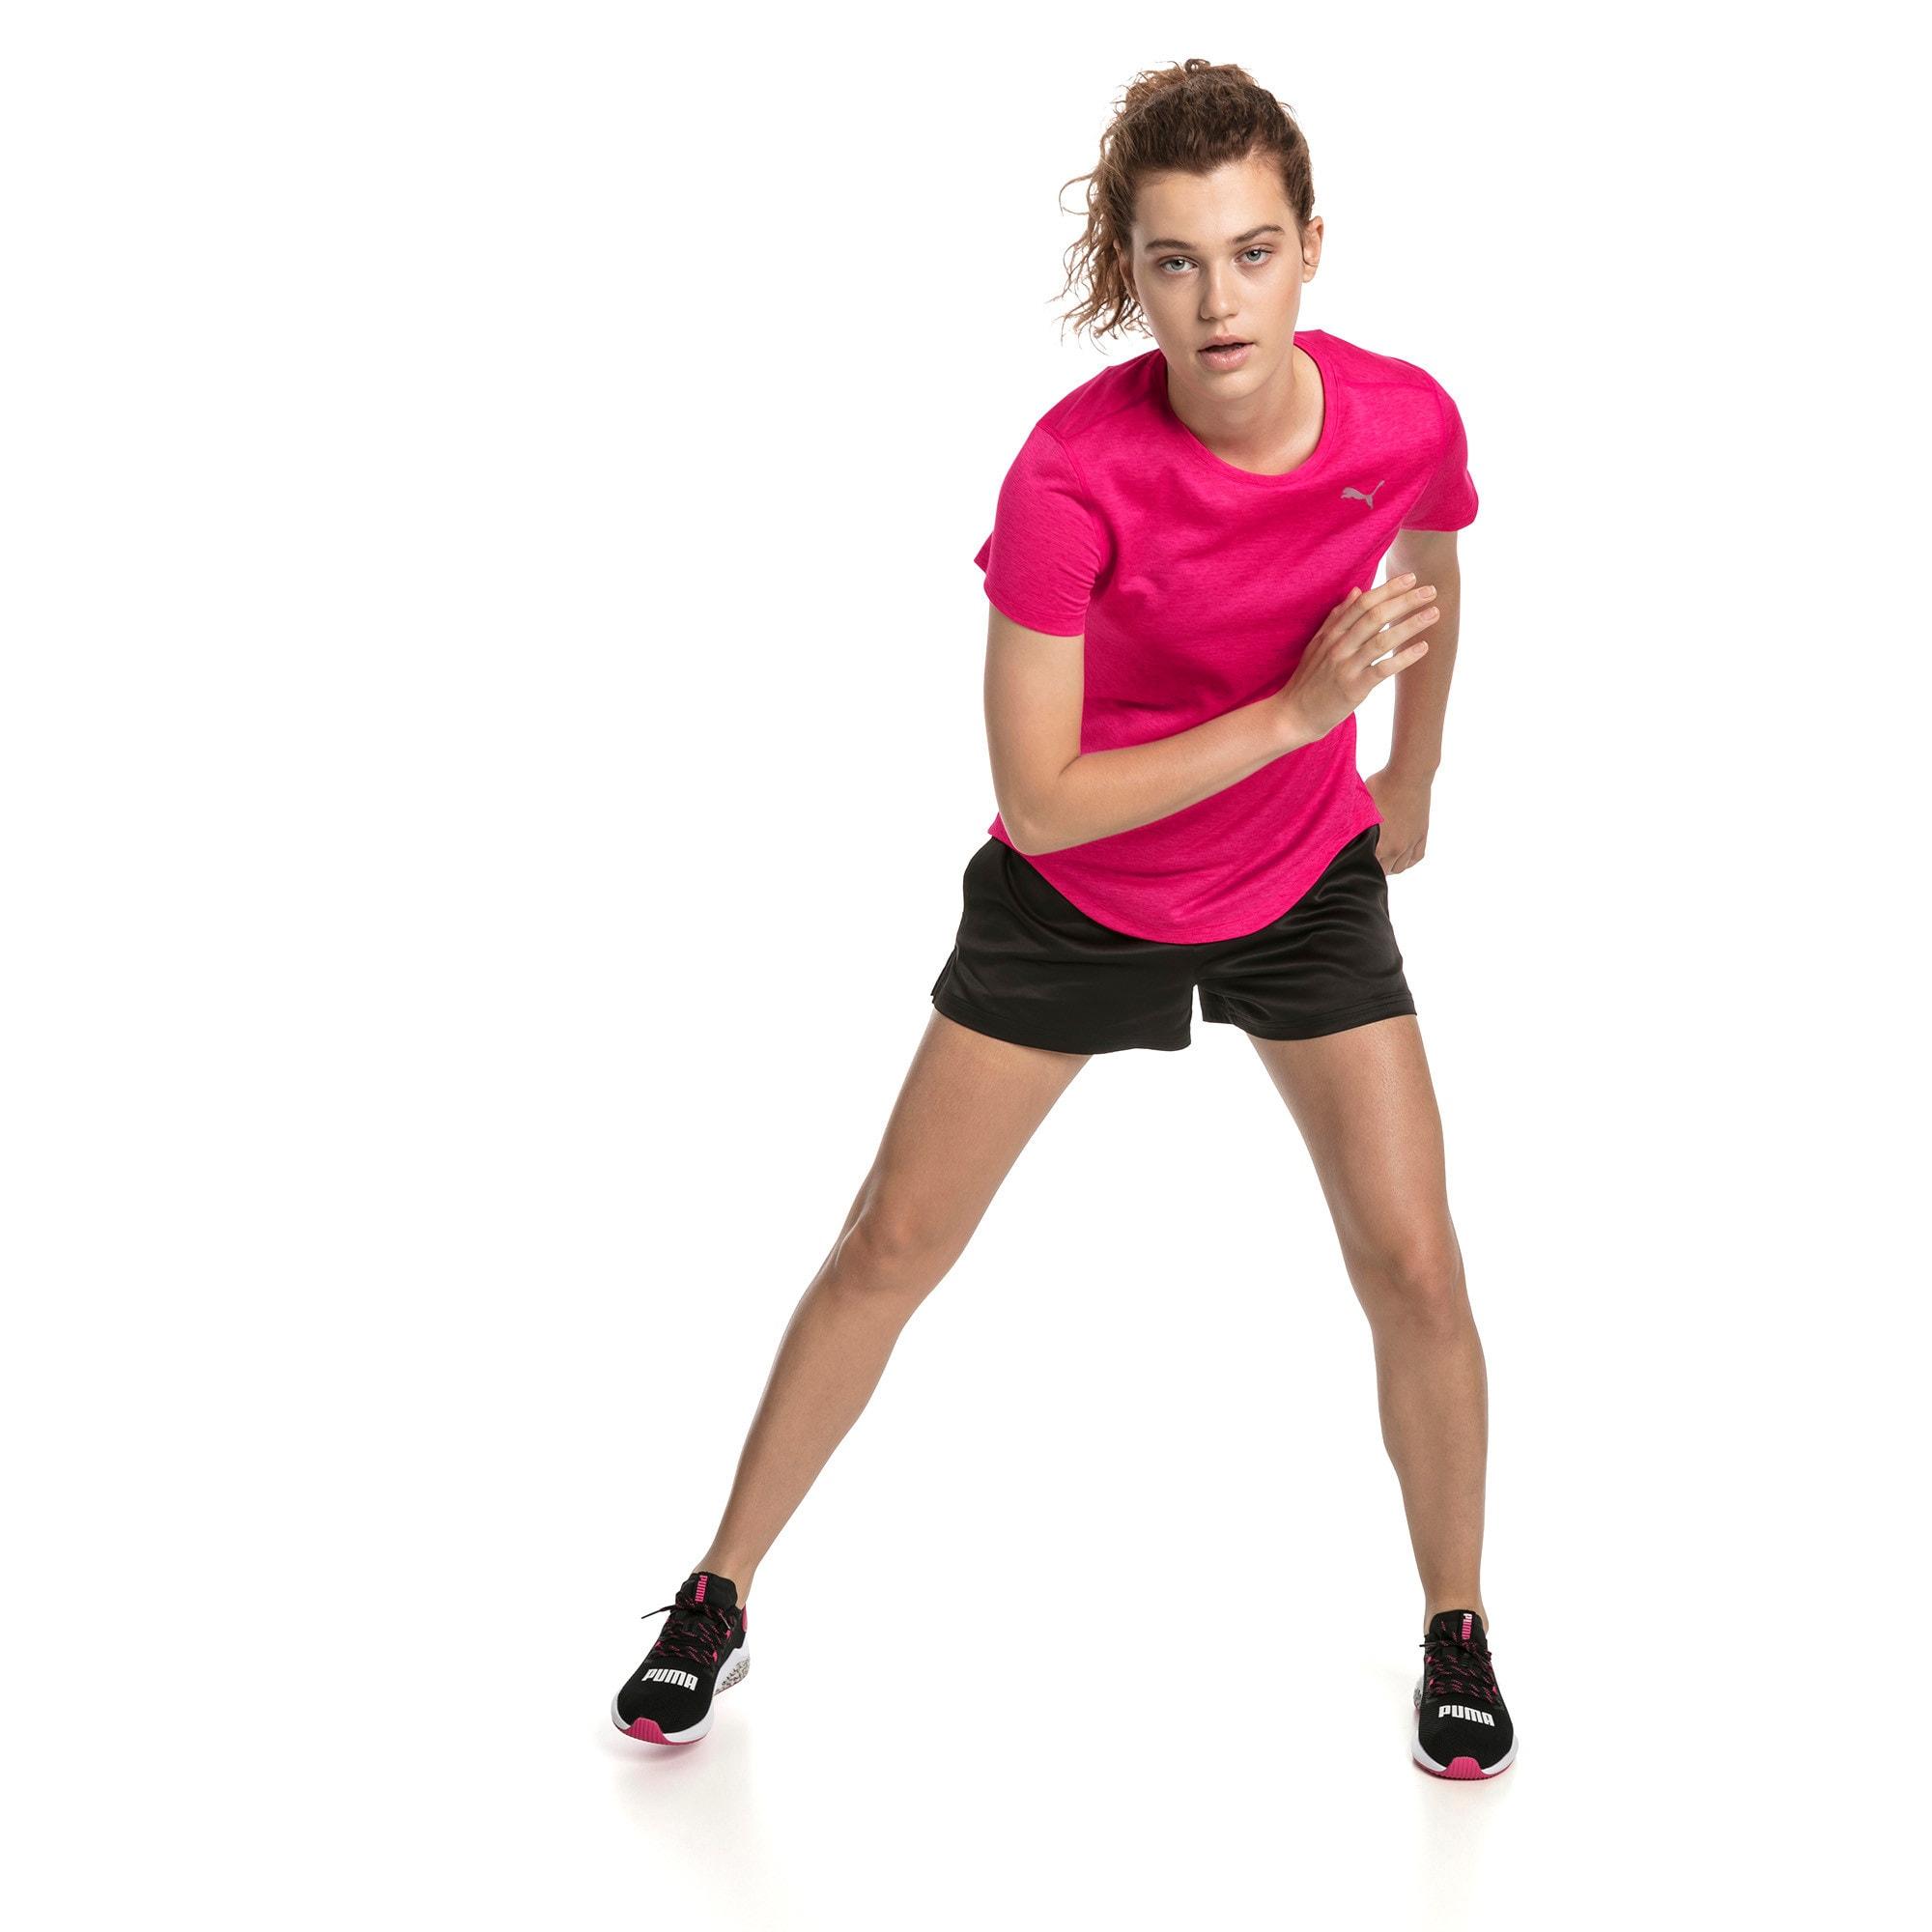 Thumbnail 3 of Epic Heather Short Sleeve Women's Running Tee, Fuchsia Purple Heather, medium